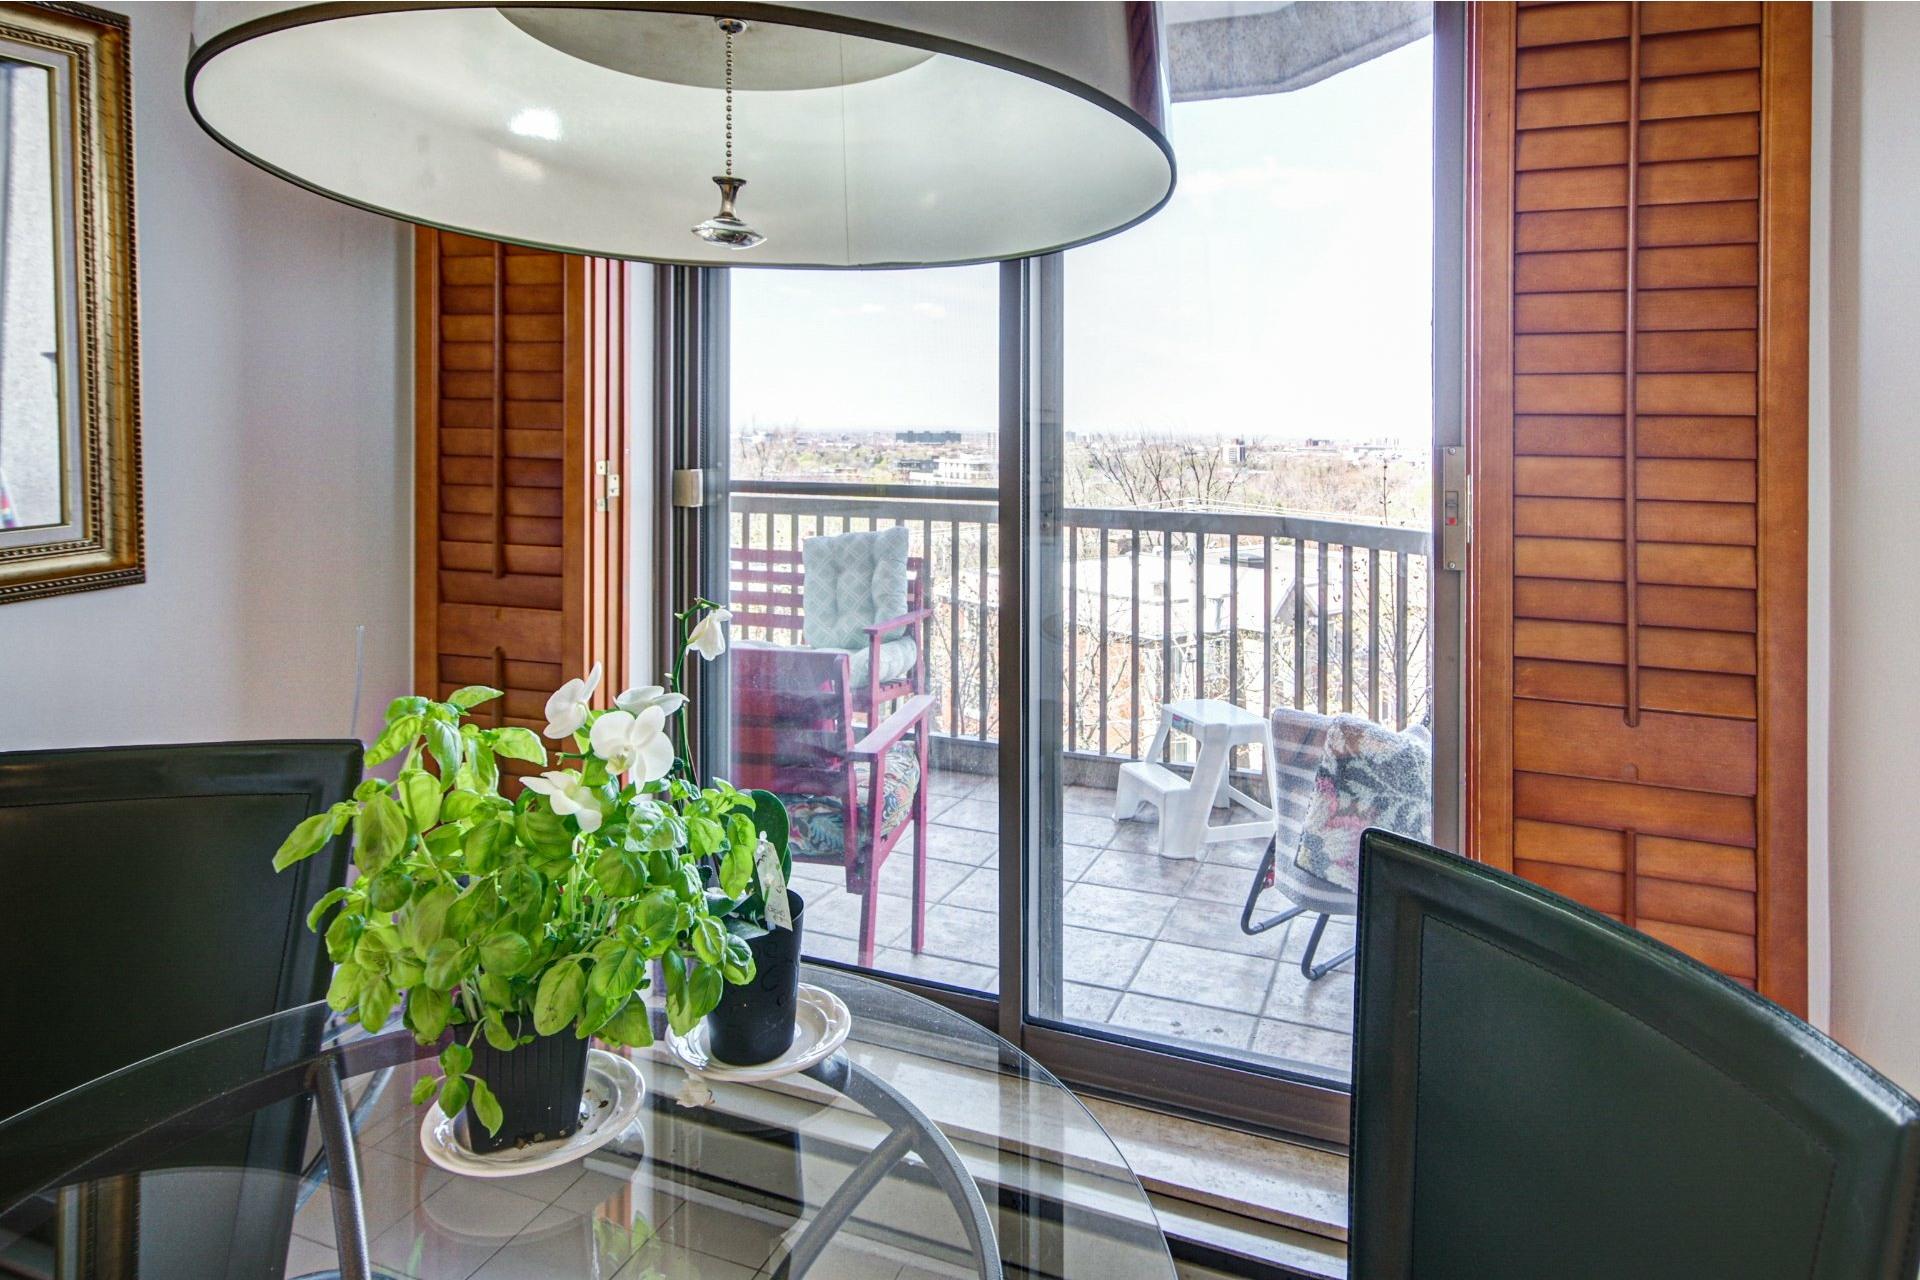 image 26 - Apartment For sale Côte-des-Neiges/Notre-Dame-de-Grâce Montréal  - 5 rooms